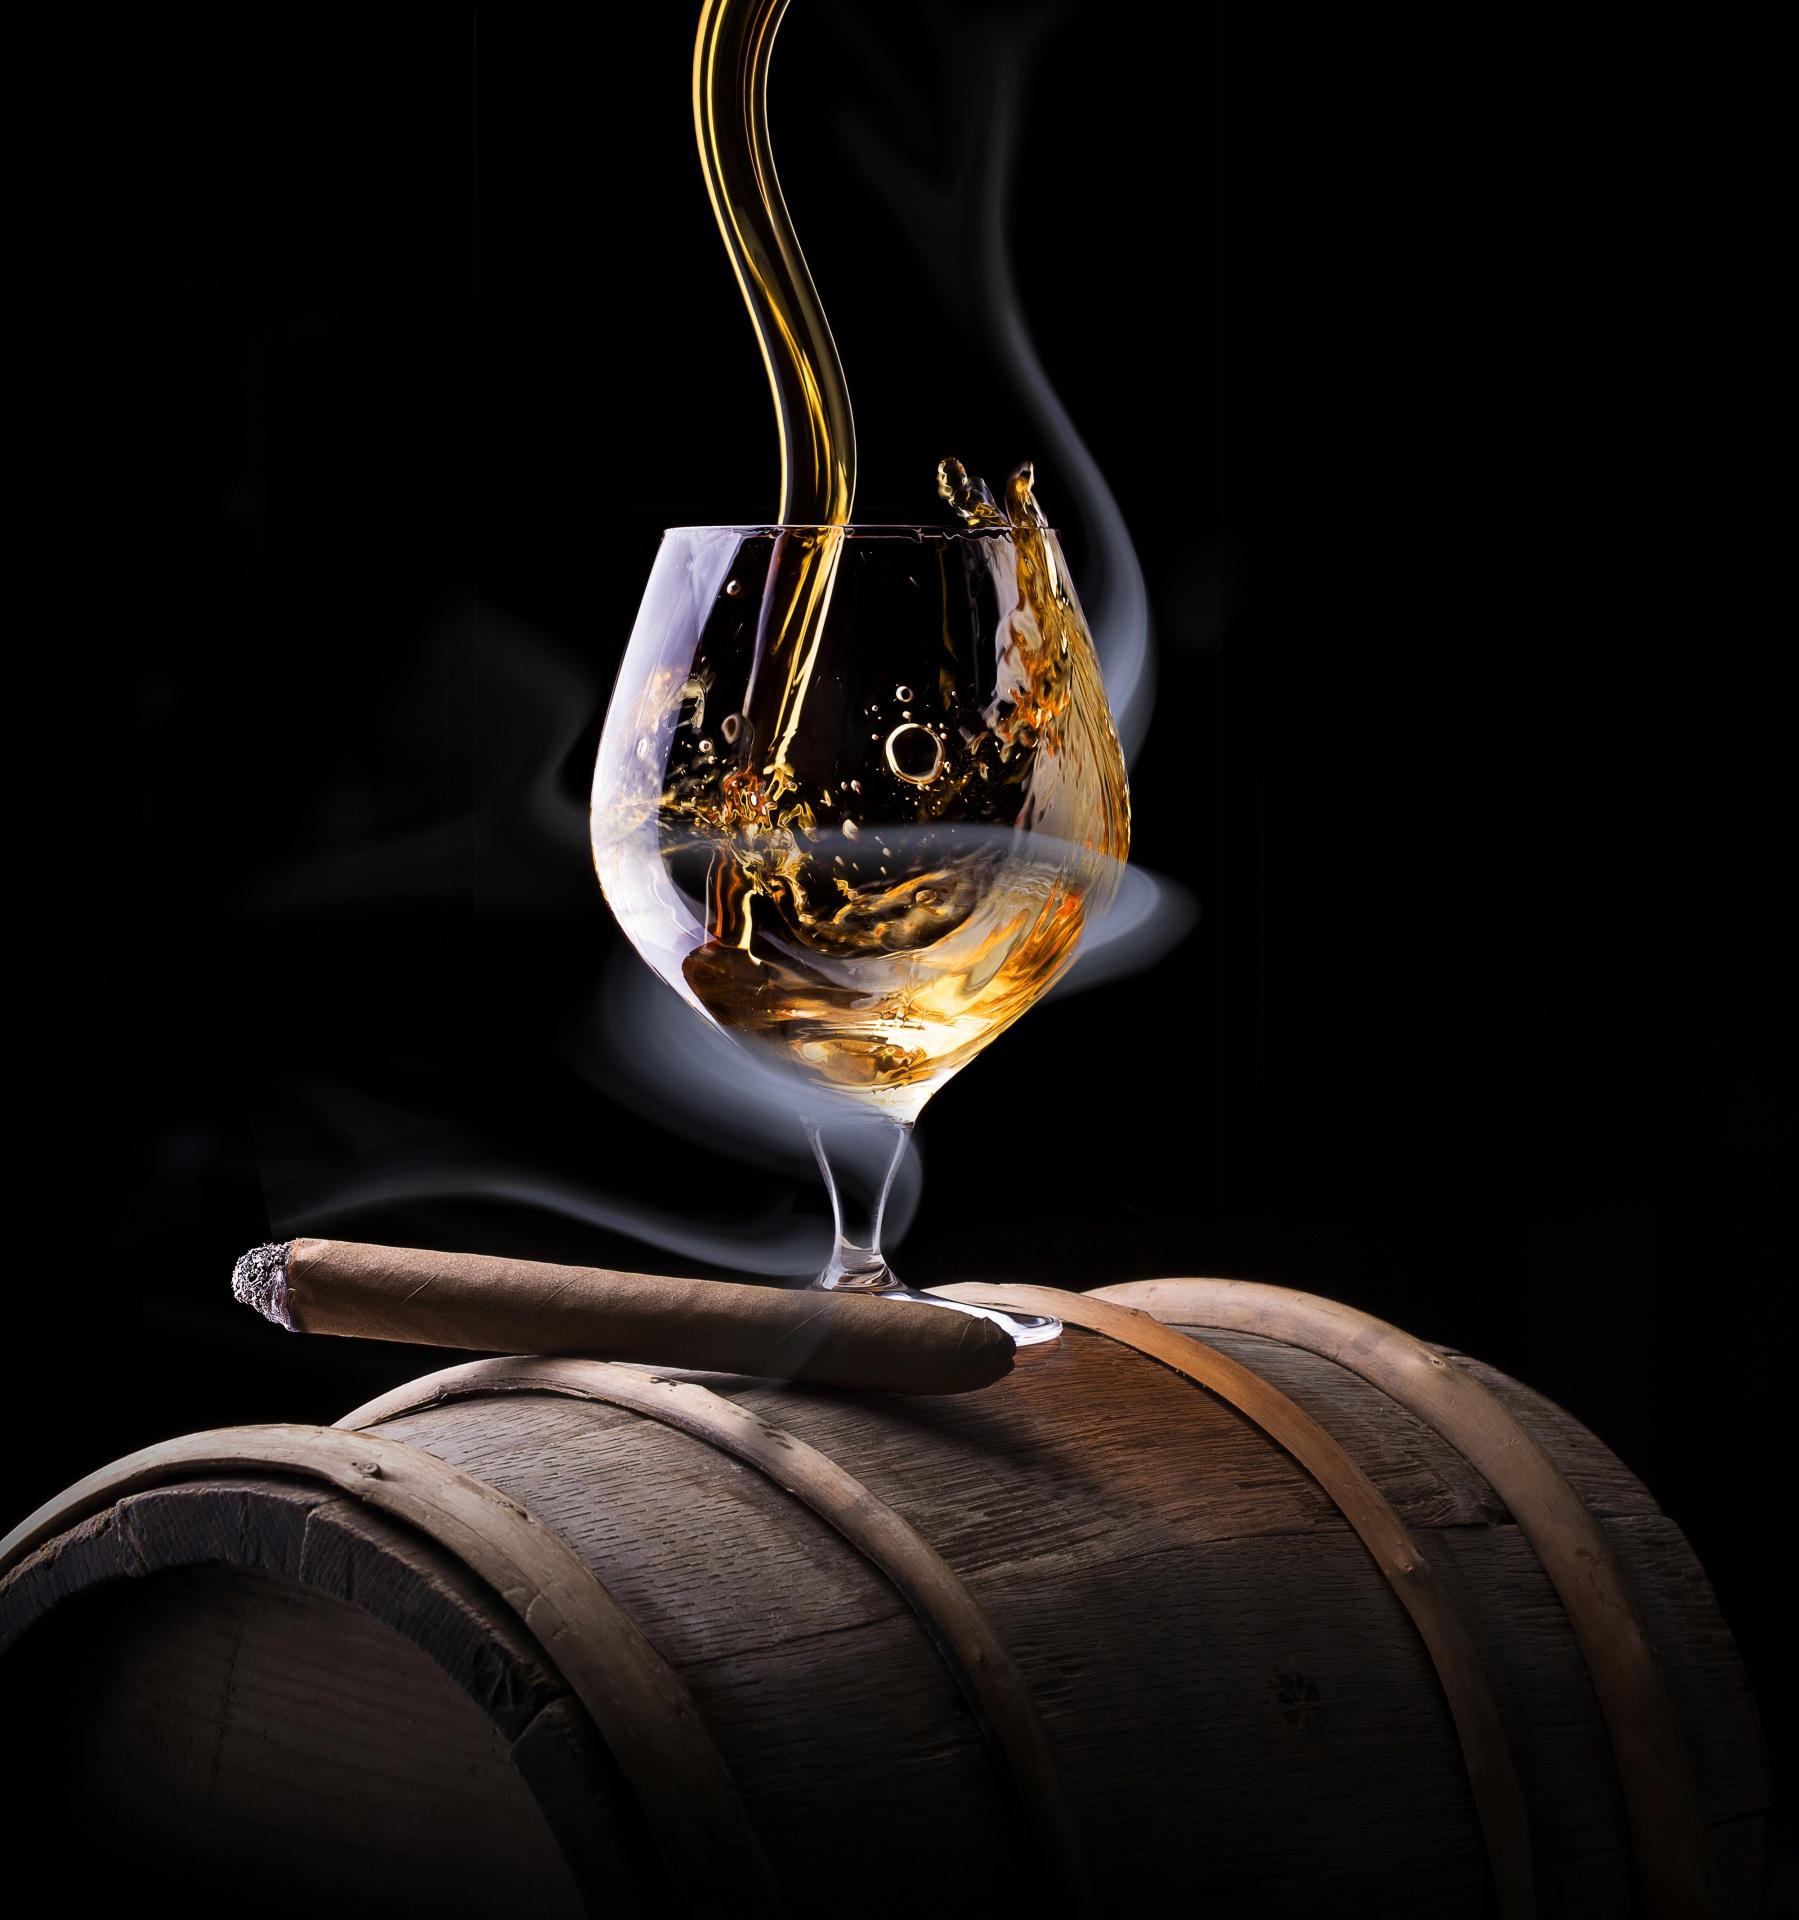 Фотографии Сигара Алкогольные напитки Виски Еда Дым Бокалы Черный фон 1799x1920 для мобильного телефона